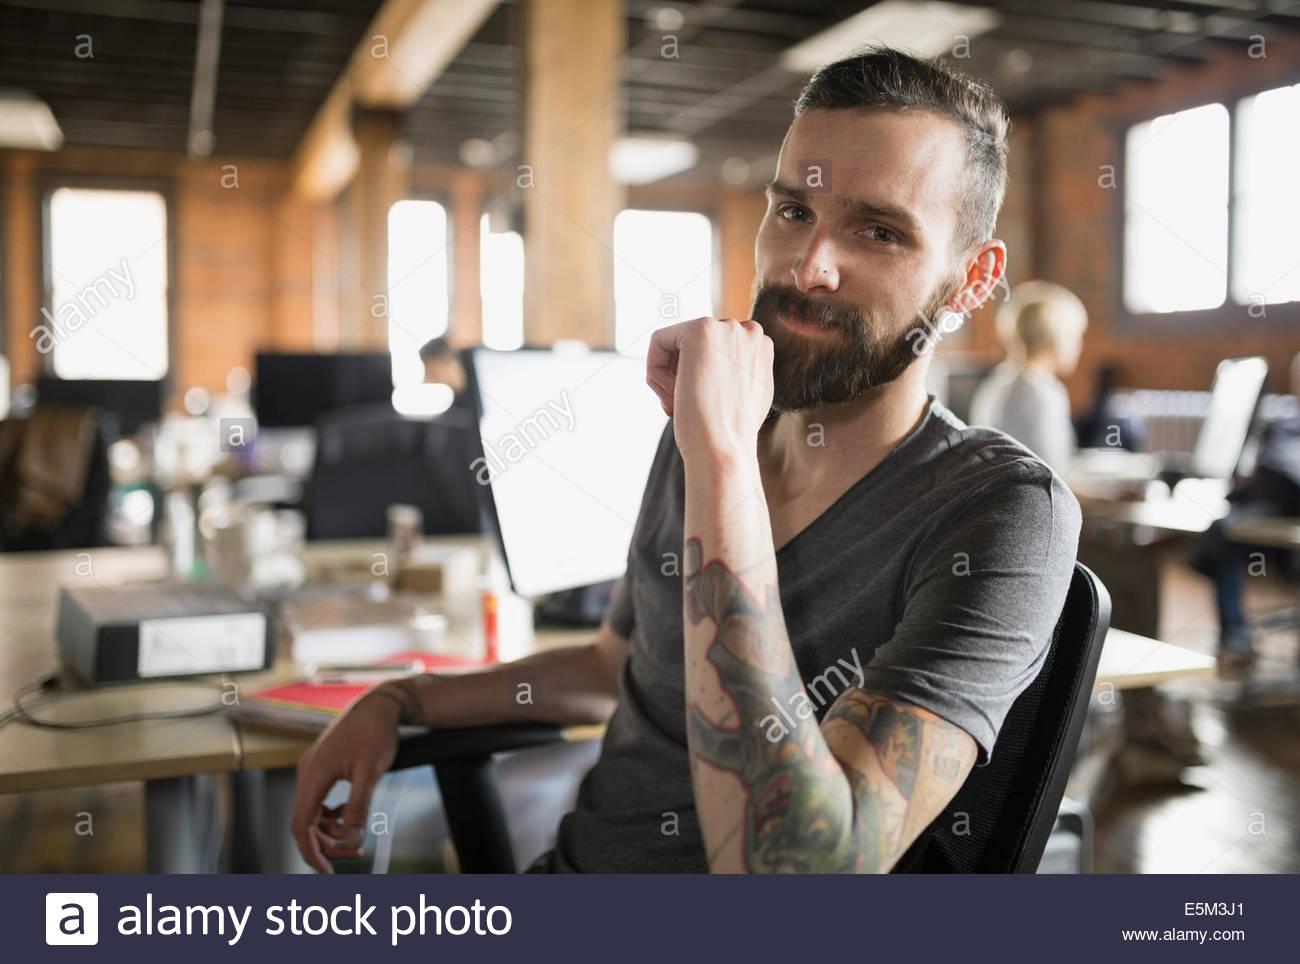 Ritratto di fiducioso imprenditore con tatuaggi in office Immagini Stock